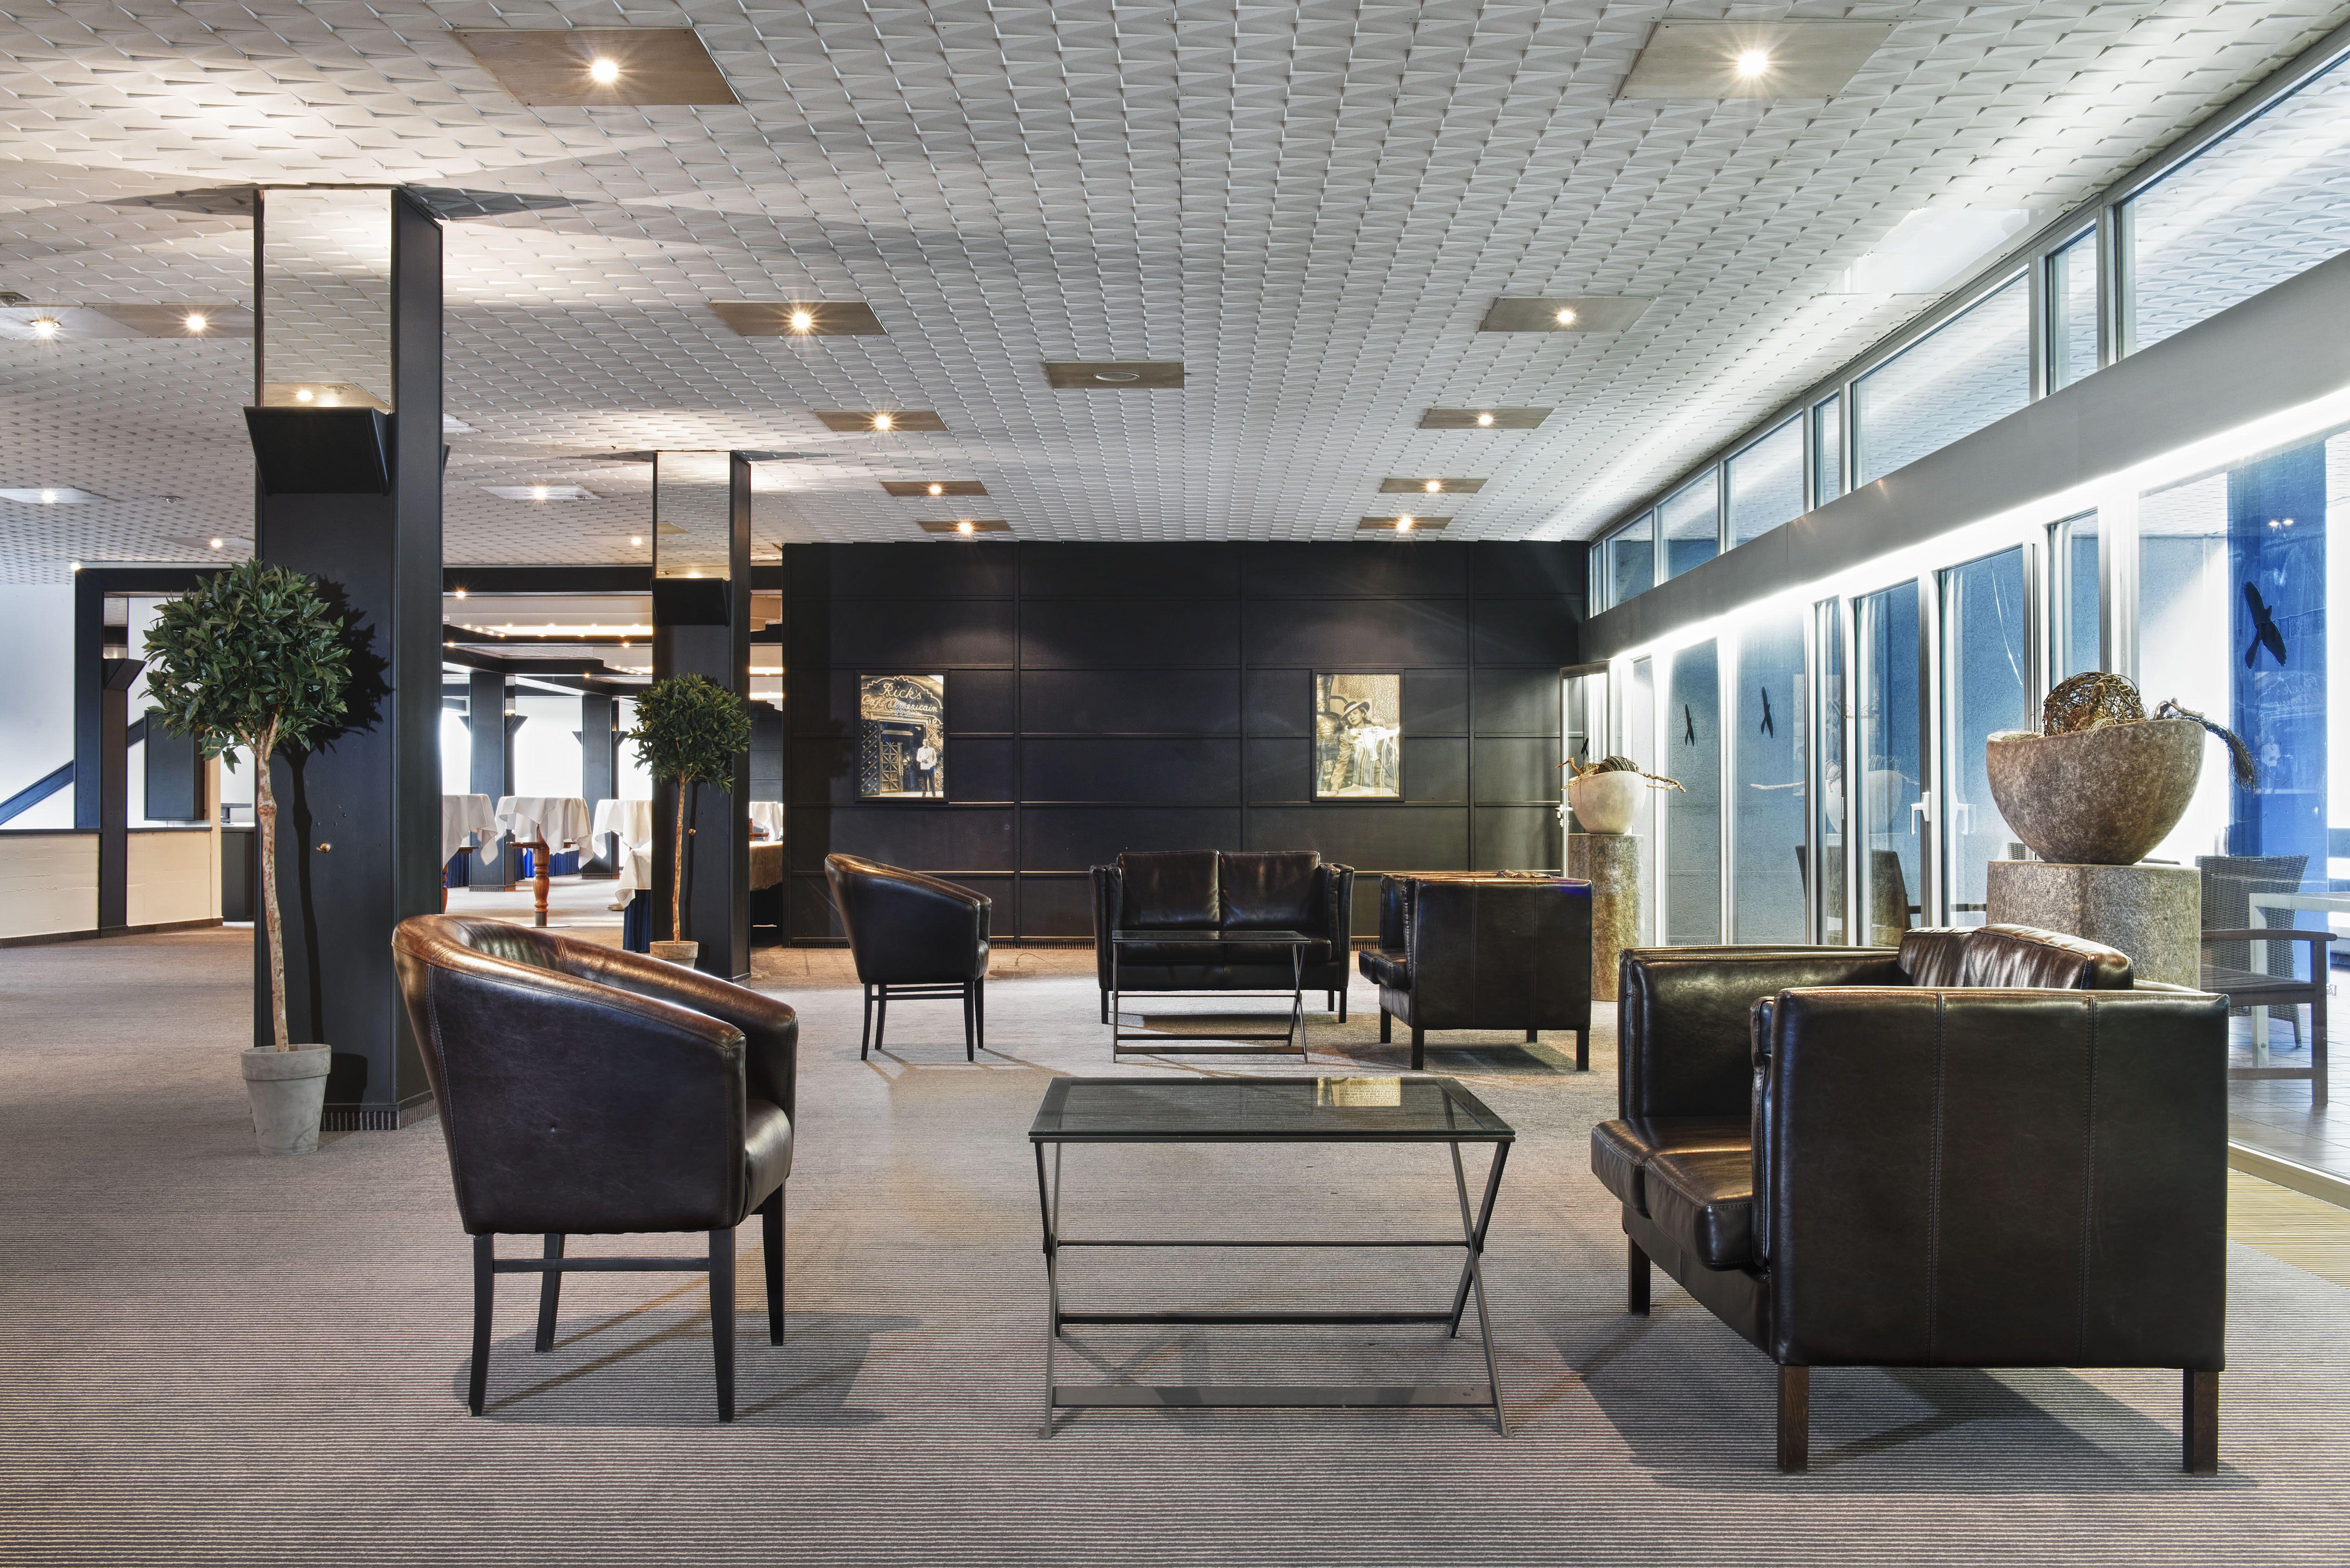 lobby at Wyndham Garden Lahnstein Koblenz Hotel